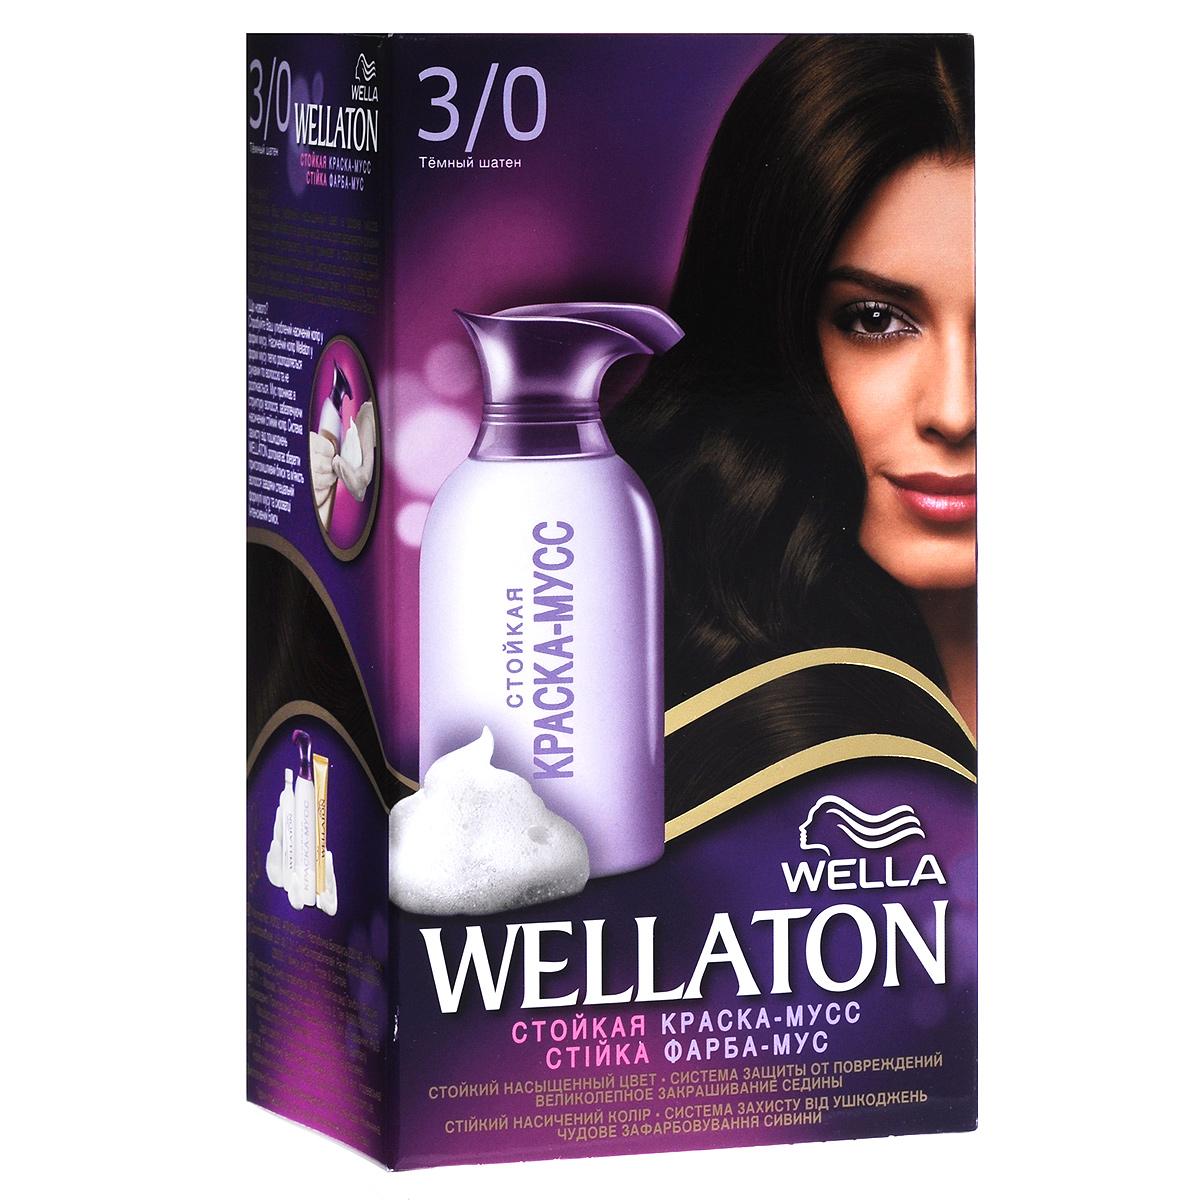 Краска-мусс для волос Wellaton 3/0. Темный шатенFS-00897Стойкая краска-мусс Wellaton - живой насыщенный цвет и легкое бережное нанесение. Насладитесь живым насыщенным цветом. Краска-мусс обеспечивает бережное нанесение и защиту от подтеков. Она равномерно распределяется по волосам, насыщая каждый волос совершенным цветом. Система защиты от повреждений дарит волосам потрясающий блеск и мягкость шелка благодаря специальной формуле мусса и питательной сыворотке. Такая же стойкость, как привычные краски! 100% закрашивание седины. Характеристики: Номер краски: 3/0. Цвет: темный шатен. Объем краски: 56,5 мл. Объем проявителя: 58,1 мл. Объем питательной сыворотки: 30 мл. Производитель: Германия.В комплекте: 1 тюбик с краской, 1 флакон с проявителем, 1 тюбик с питательной сывороткой, 1 пара перчаток, инструкция по применению. Товар сертифицирован.Внимание! Продукт может вызвать аллергическую реакцию, которая в редких случаях может нанести серьезный вред вашему здоровью. Проконсультируйтесь с врачом-специалистом передприменениемлюбых окрашивающих средств.